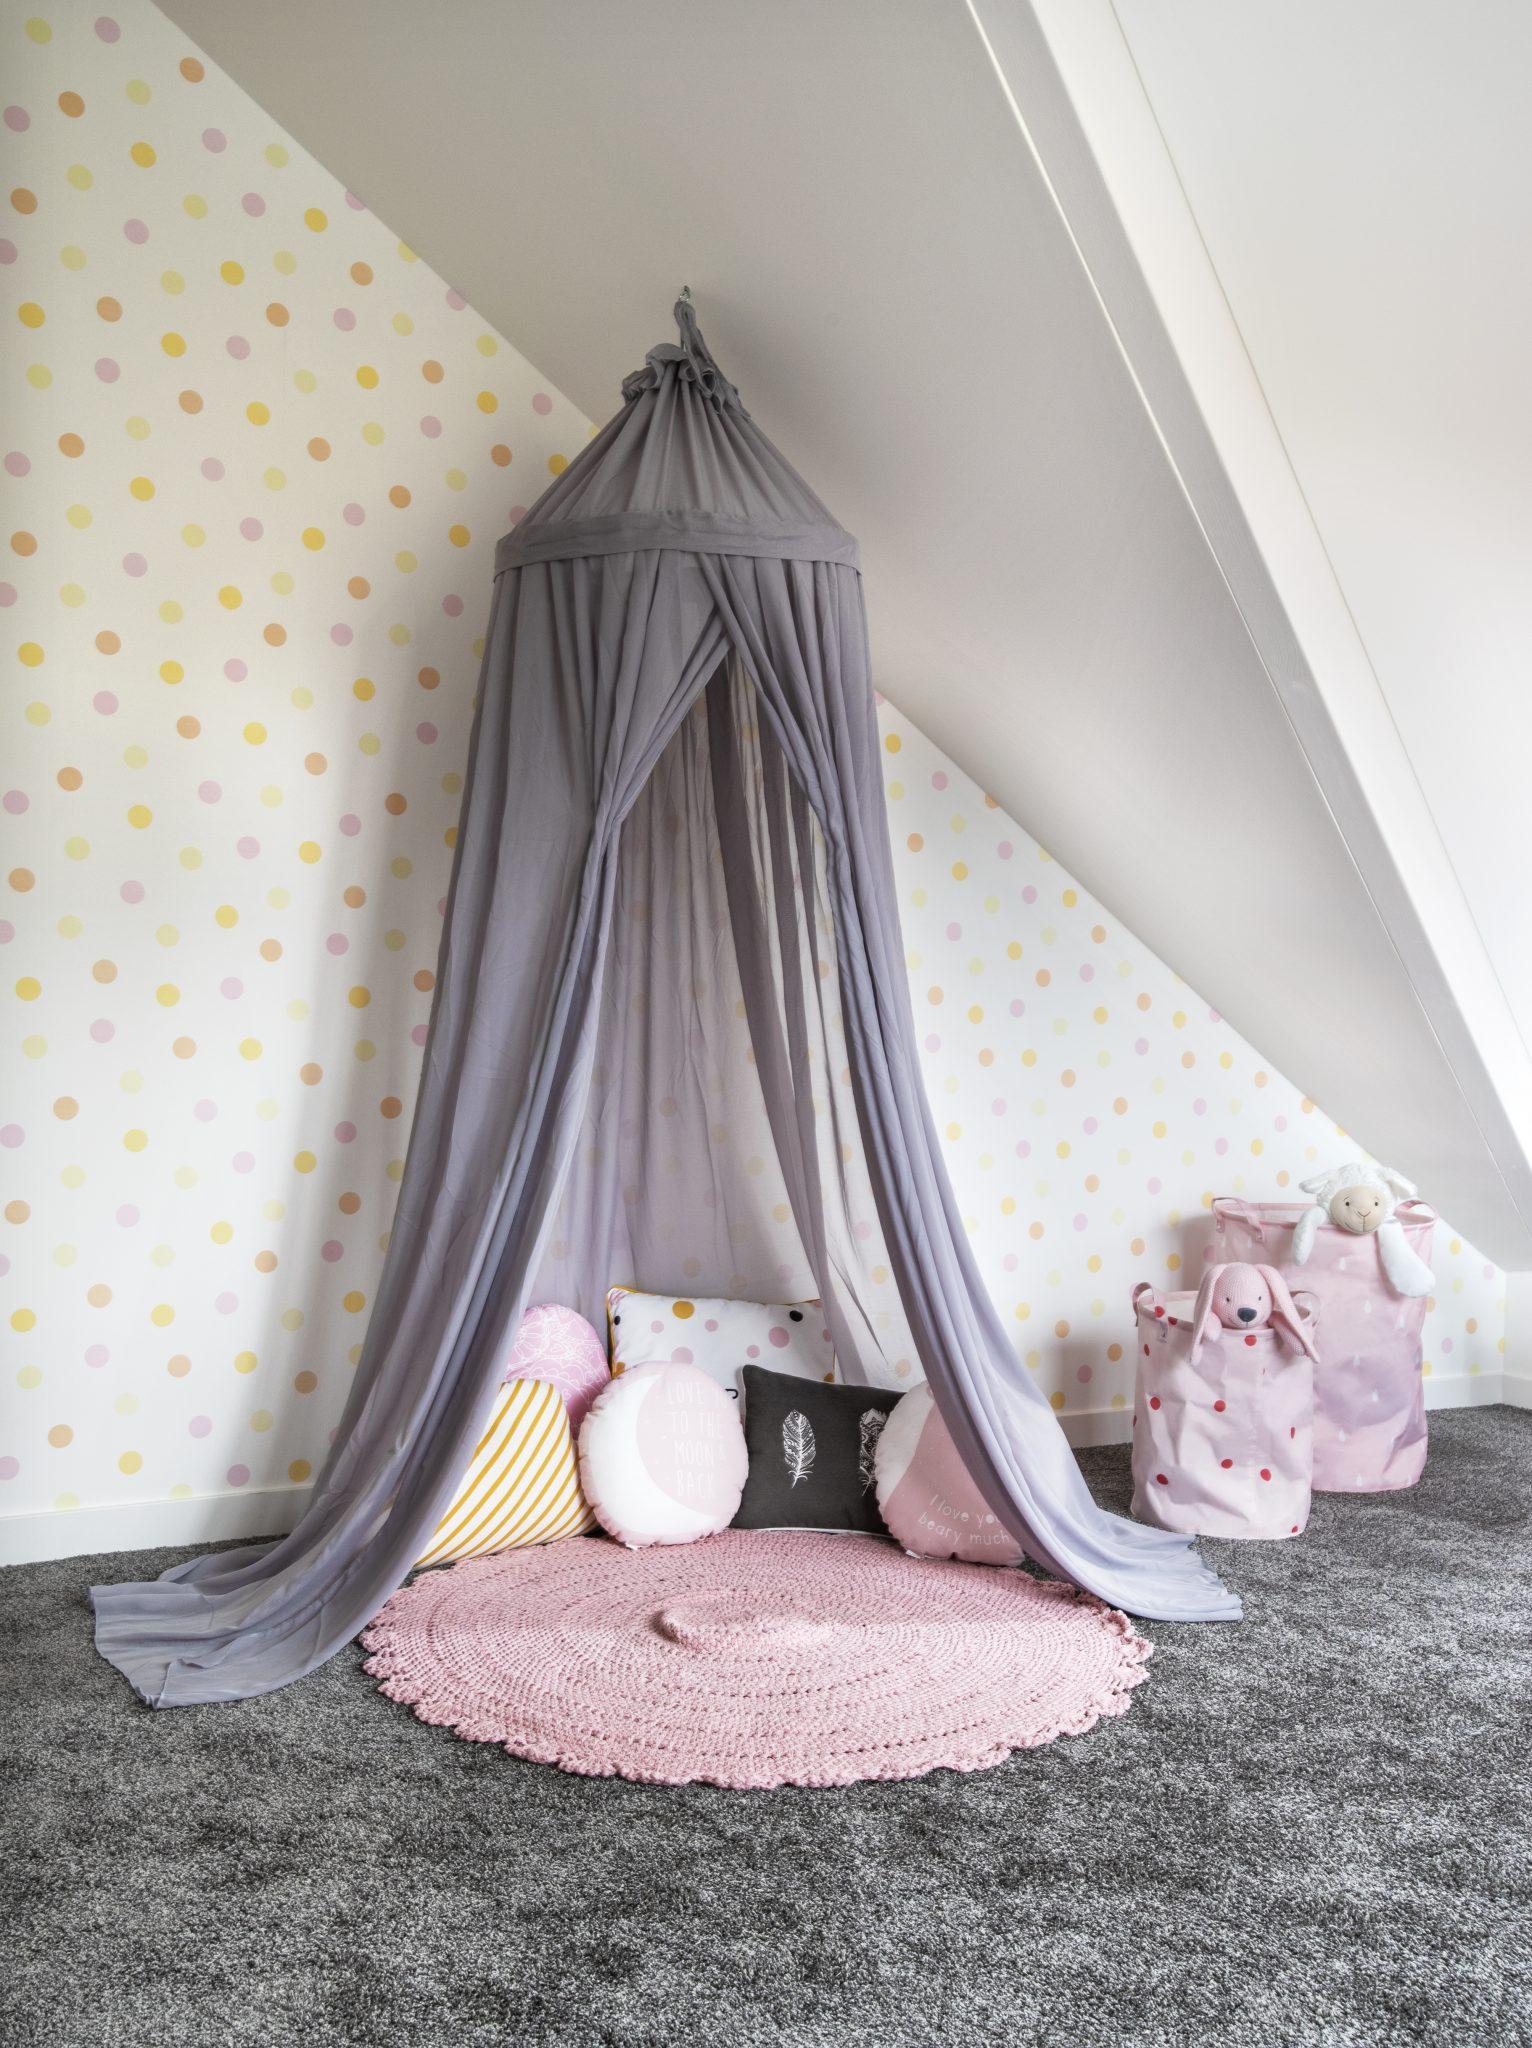 Tent_meisjeskamer_interieur_styling